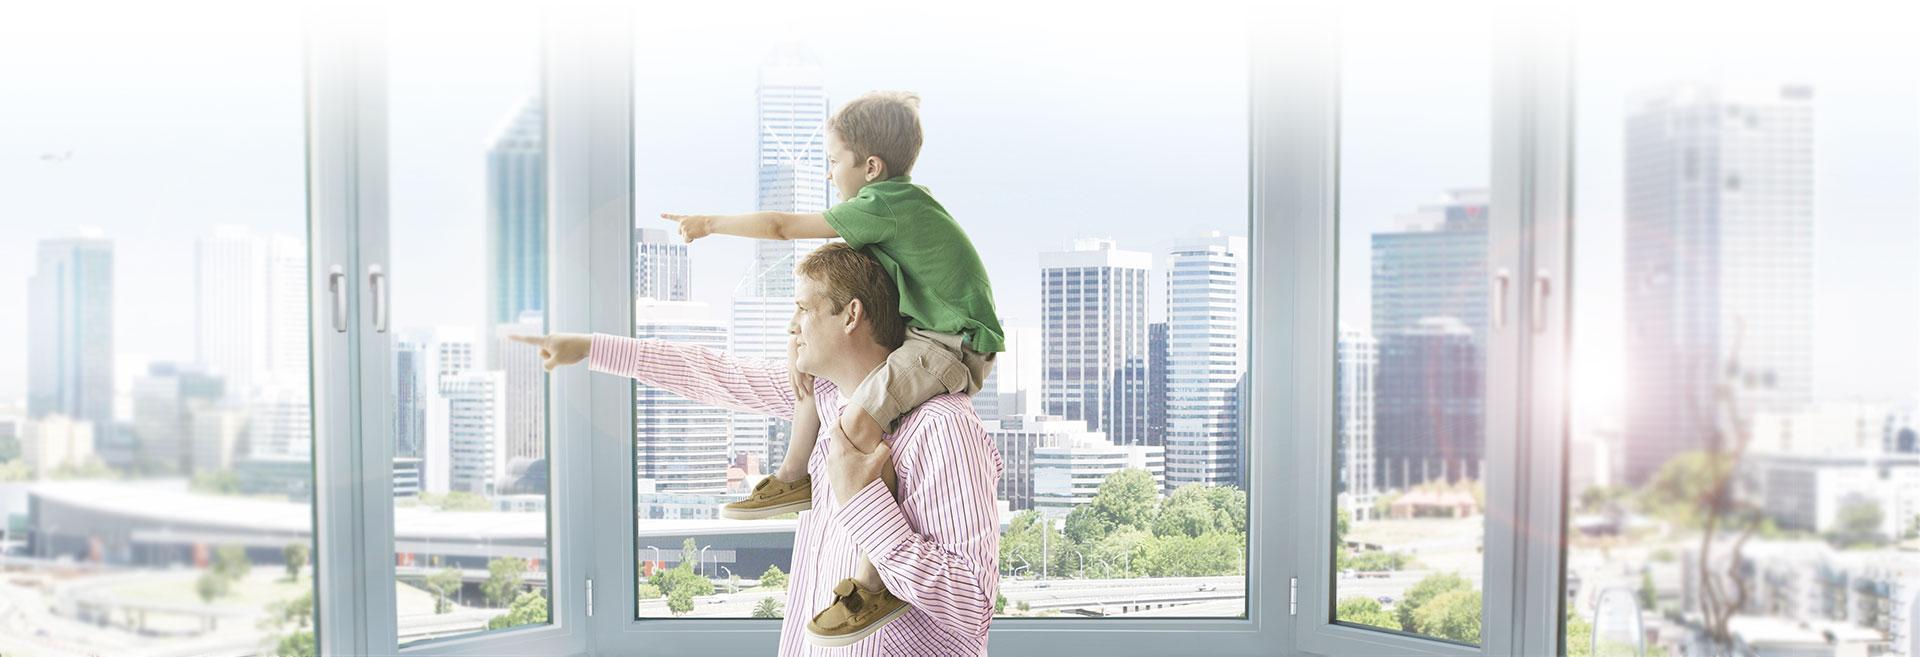 Остекление лоджии или балкона (алюминиевая или пвх-конструкц.